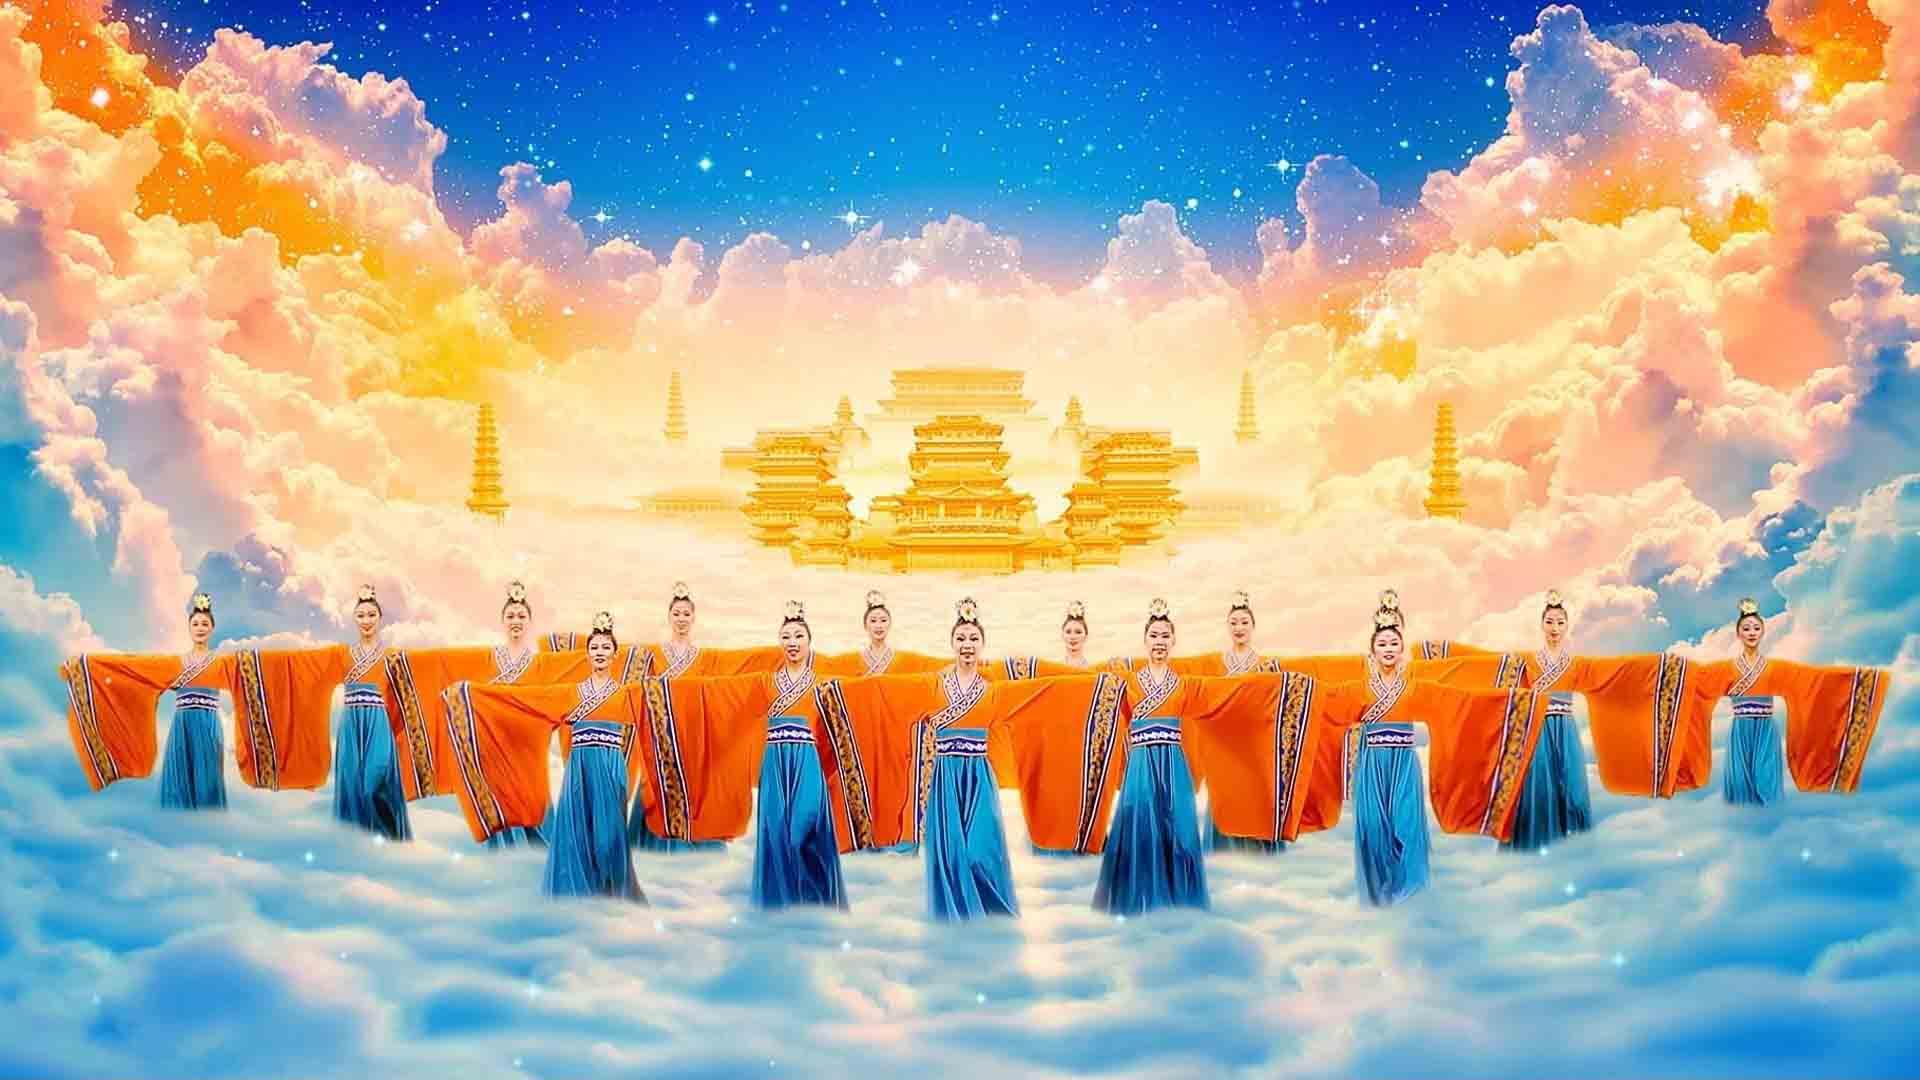 Khai mở hết thảy bí ẩn về sứ mệnh của những lời tiên tri (P.1) - Đoàn nghệ thuật Shen Yun